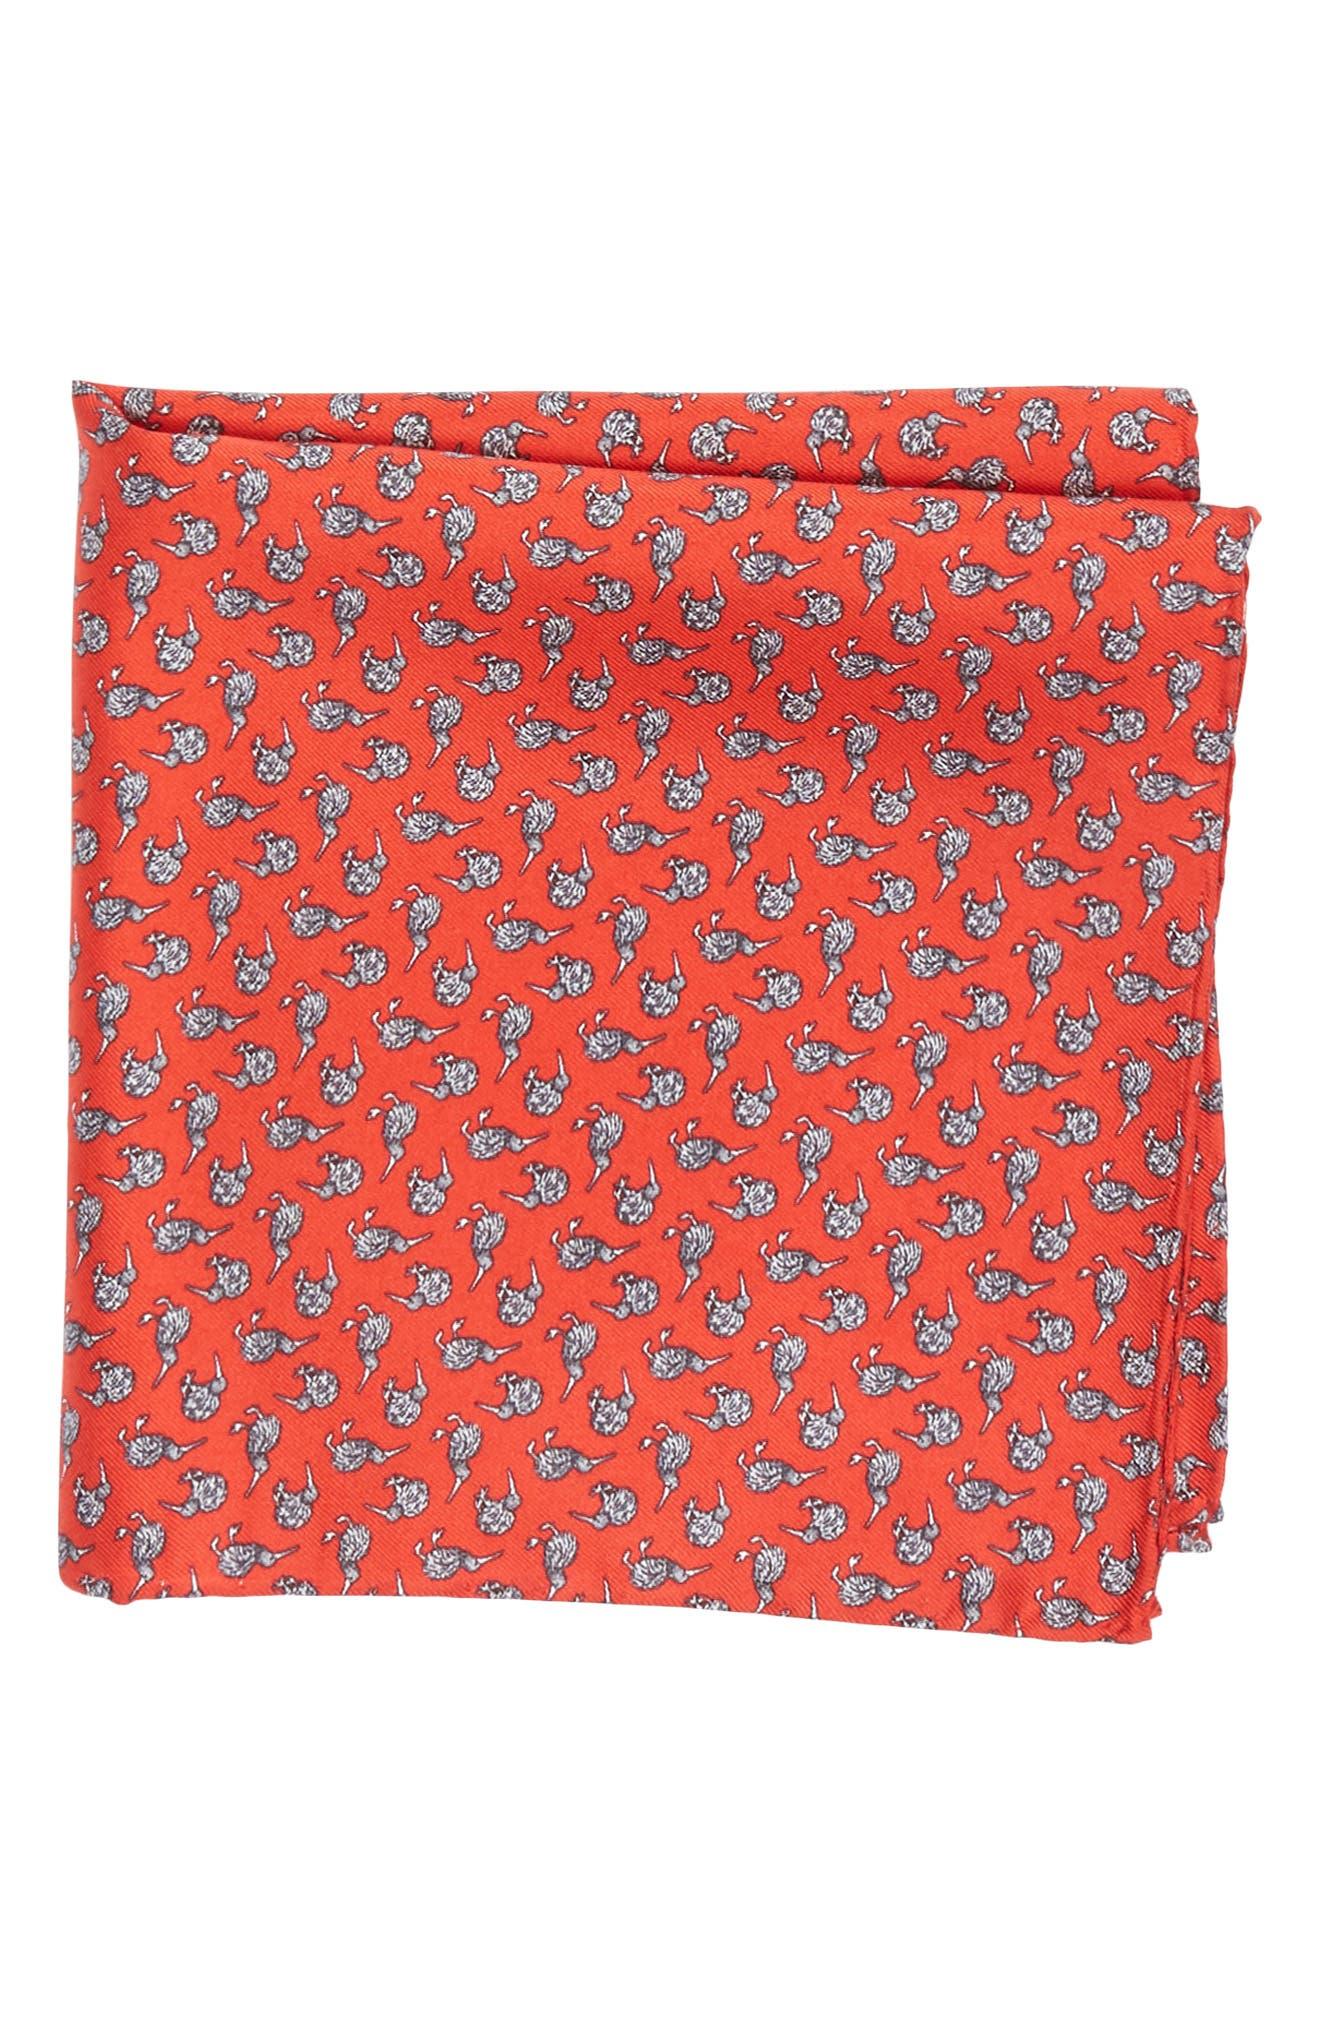 Cheeky Kiwi Silk Pocket Square,                             Main thumbnail 1, color,                             Red